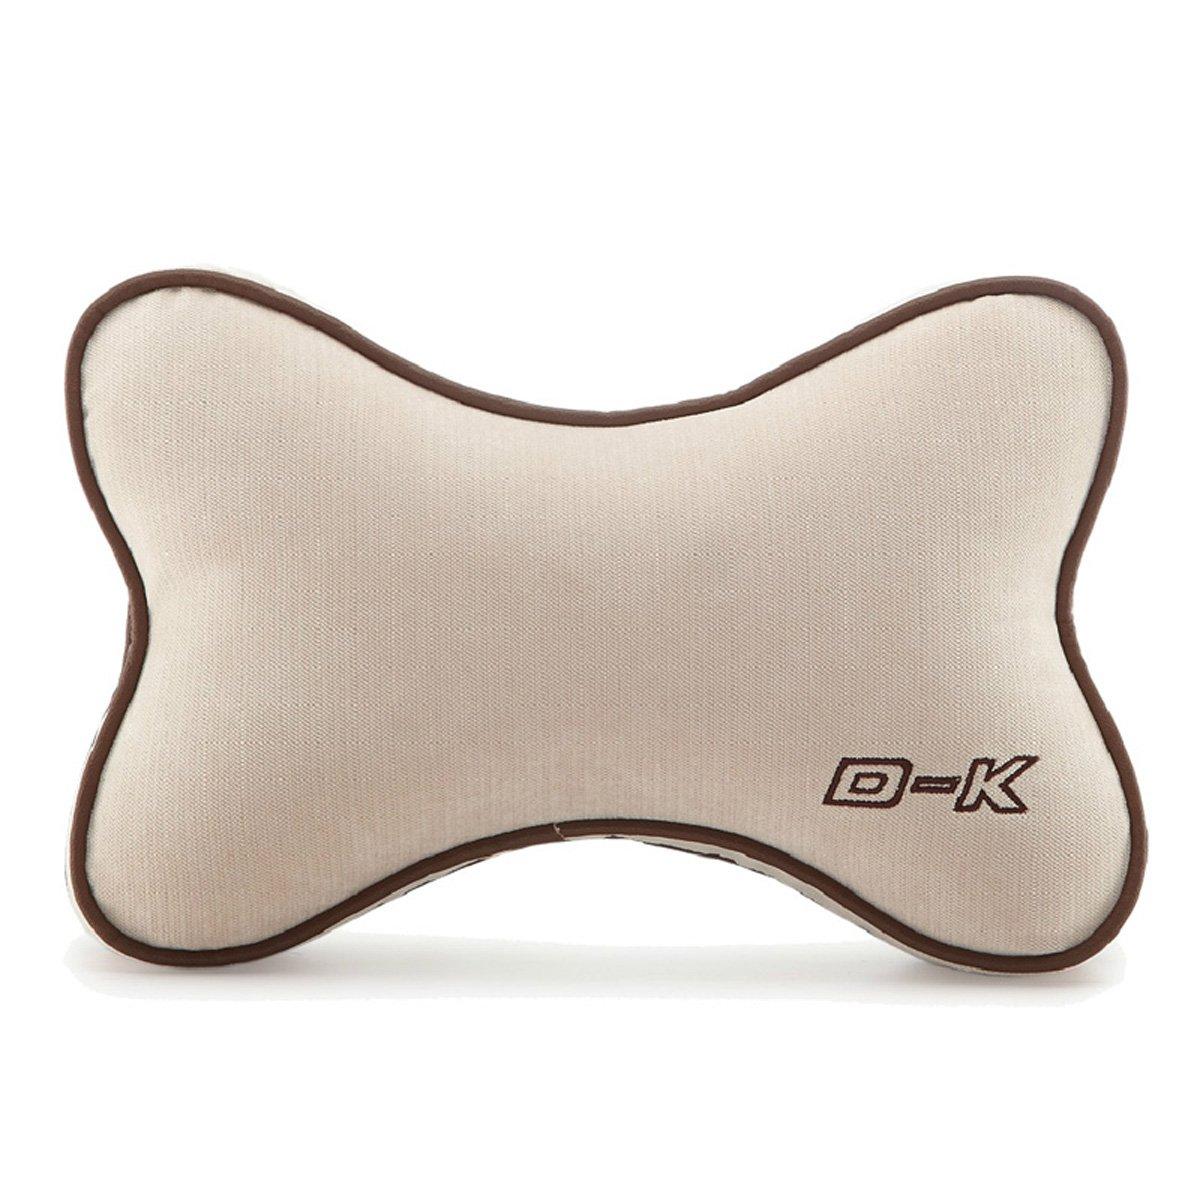 淇淇色性影院_淇淇d-k 汽车头枕 行车用护颈枕头靠 记忆棉立体骨头枕 单个装 高级